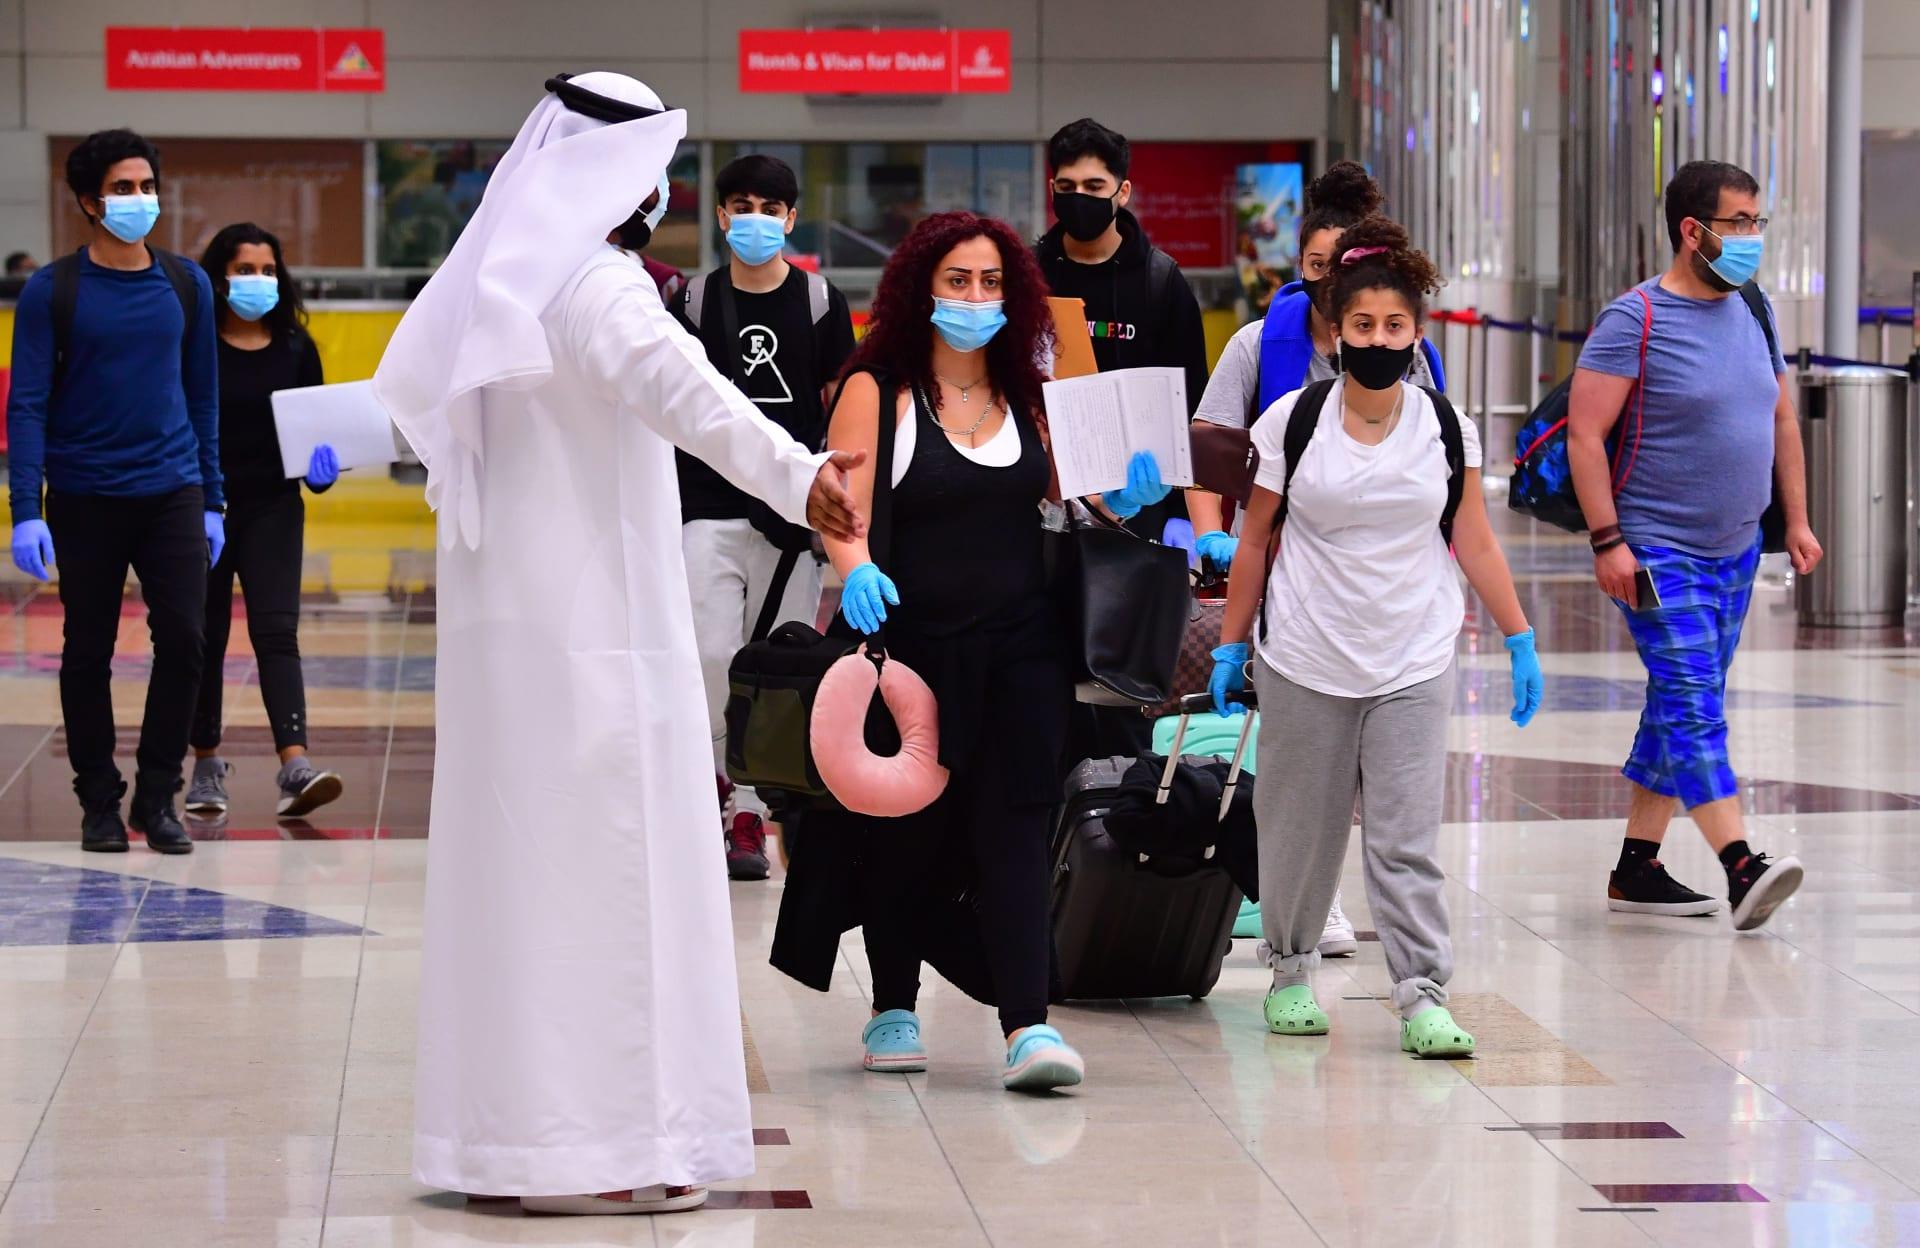 الإمارات تعلن تعليق دخول القادمين من بنغلاديش وباكستان ونيبال وسريلانكا